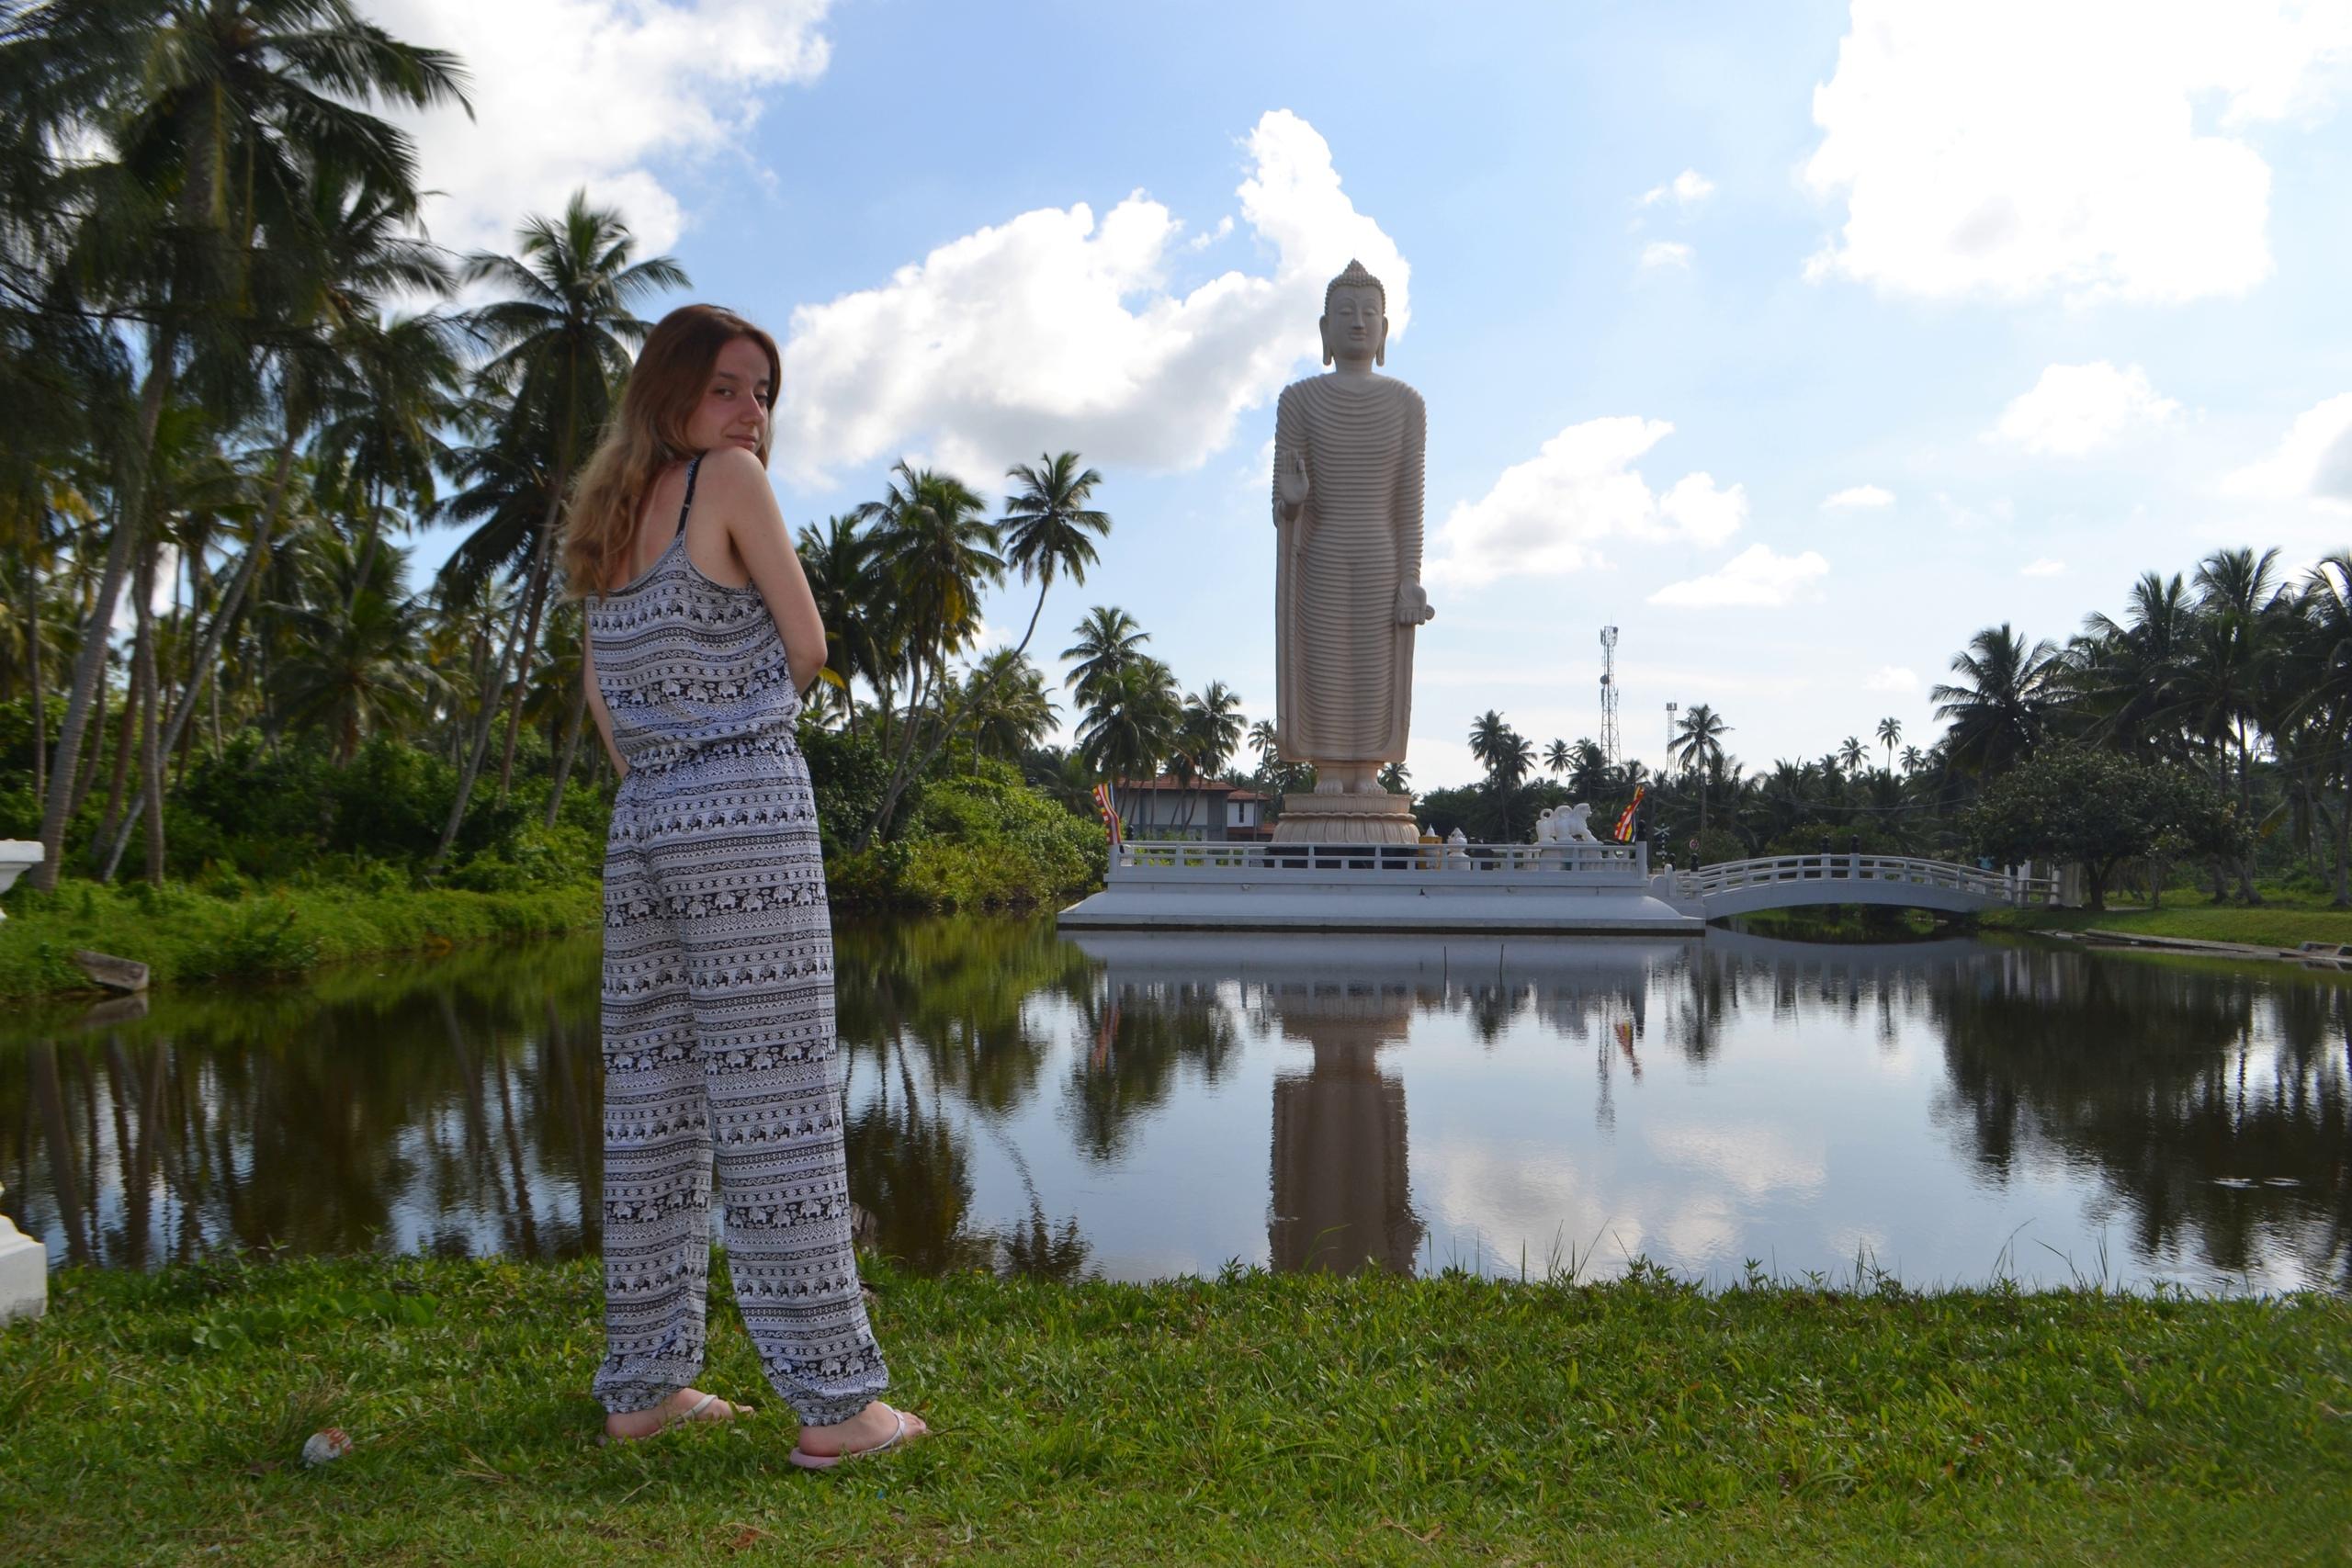 Шри Ланка (фото) - Страница 2 HP1Emdc8HO0